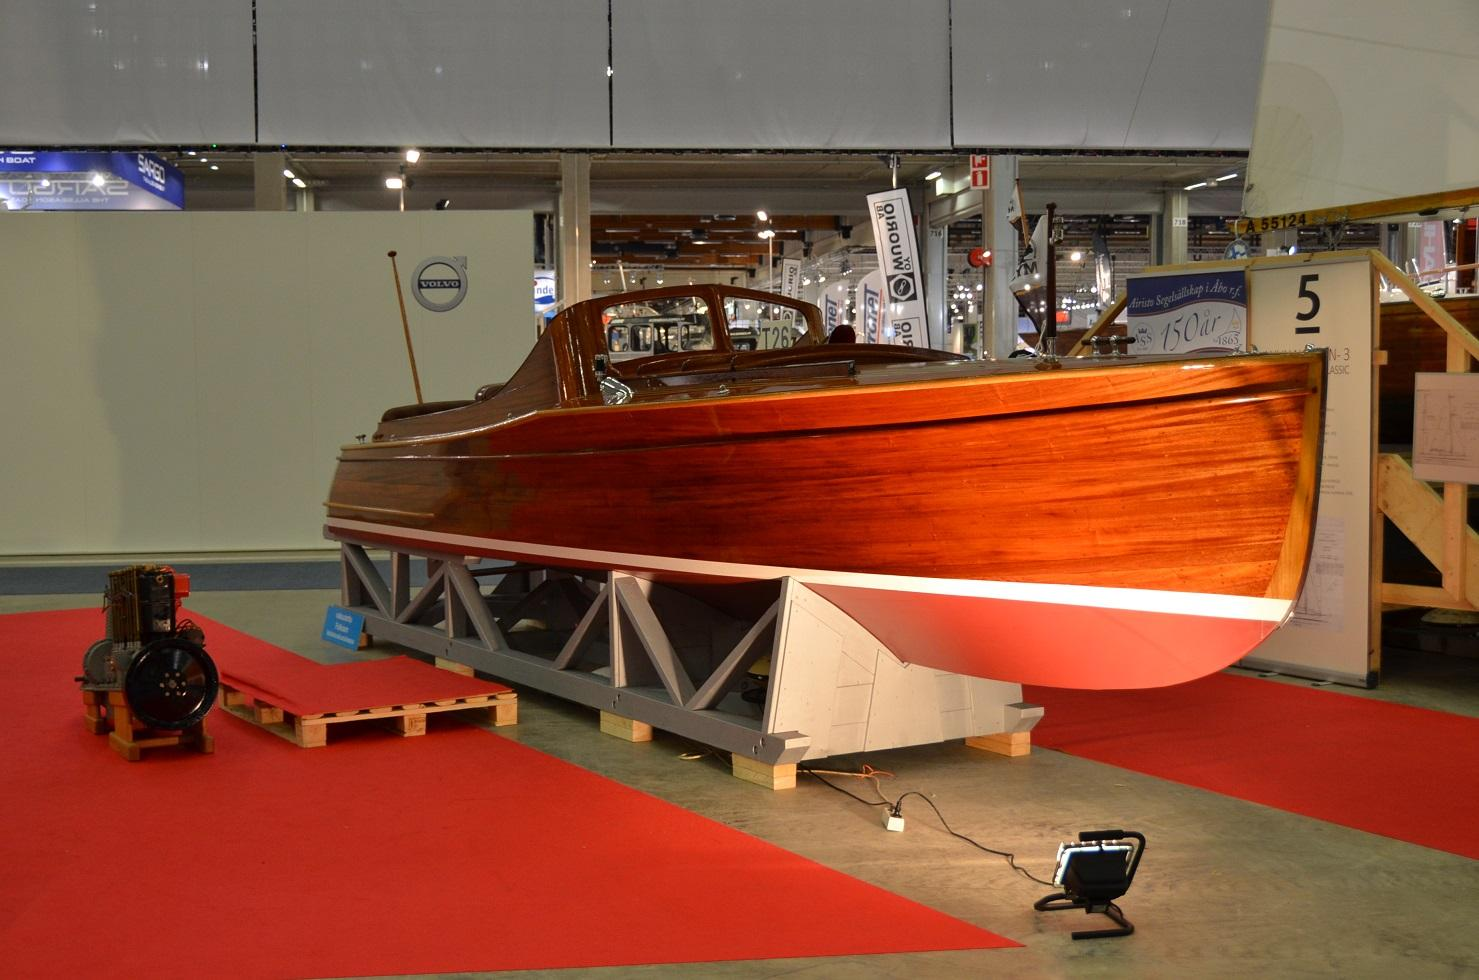 Expresmotorbåt, Andrée & Rosenqvist